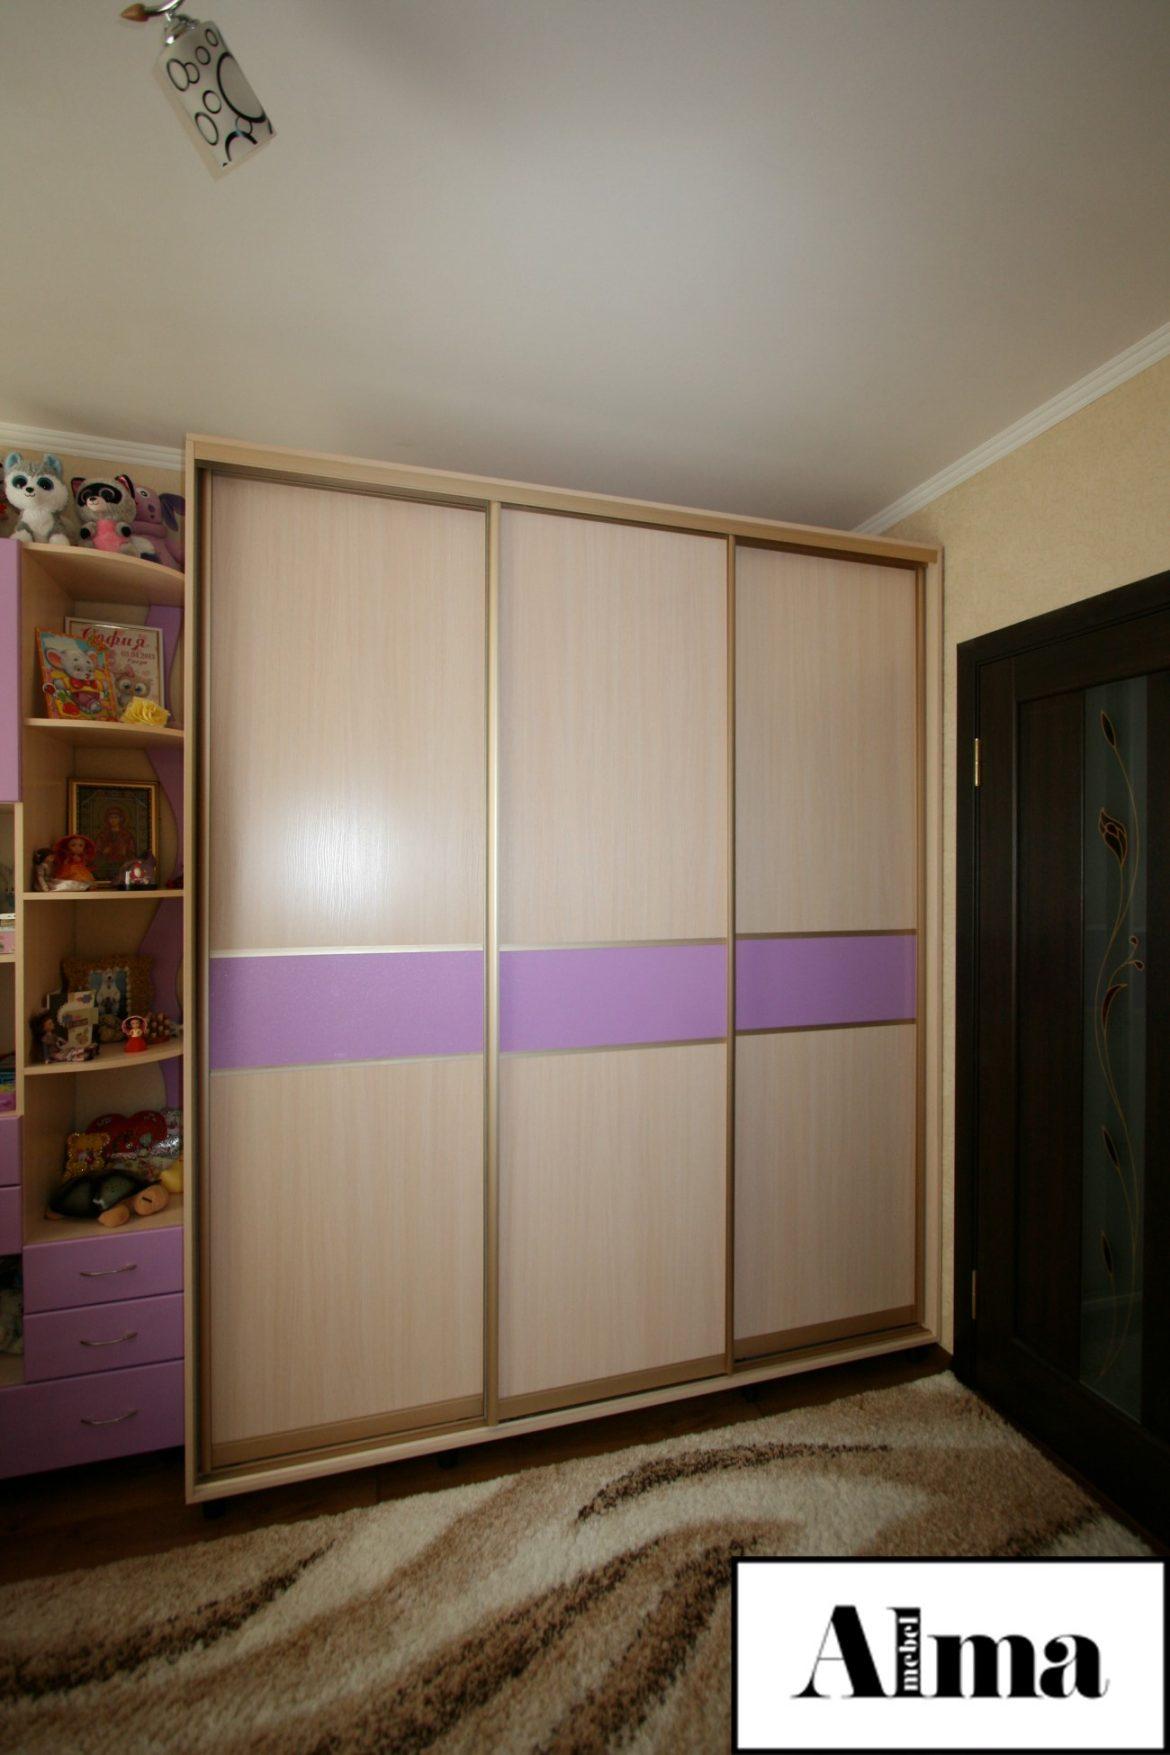 Купить шкаф-купе под заказ: какой он должен быть, если речь идет о детской комнате